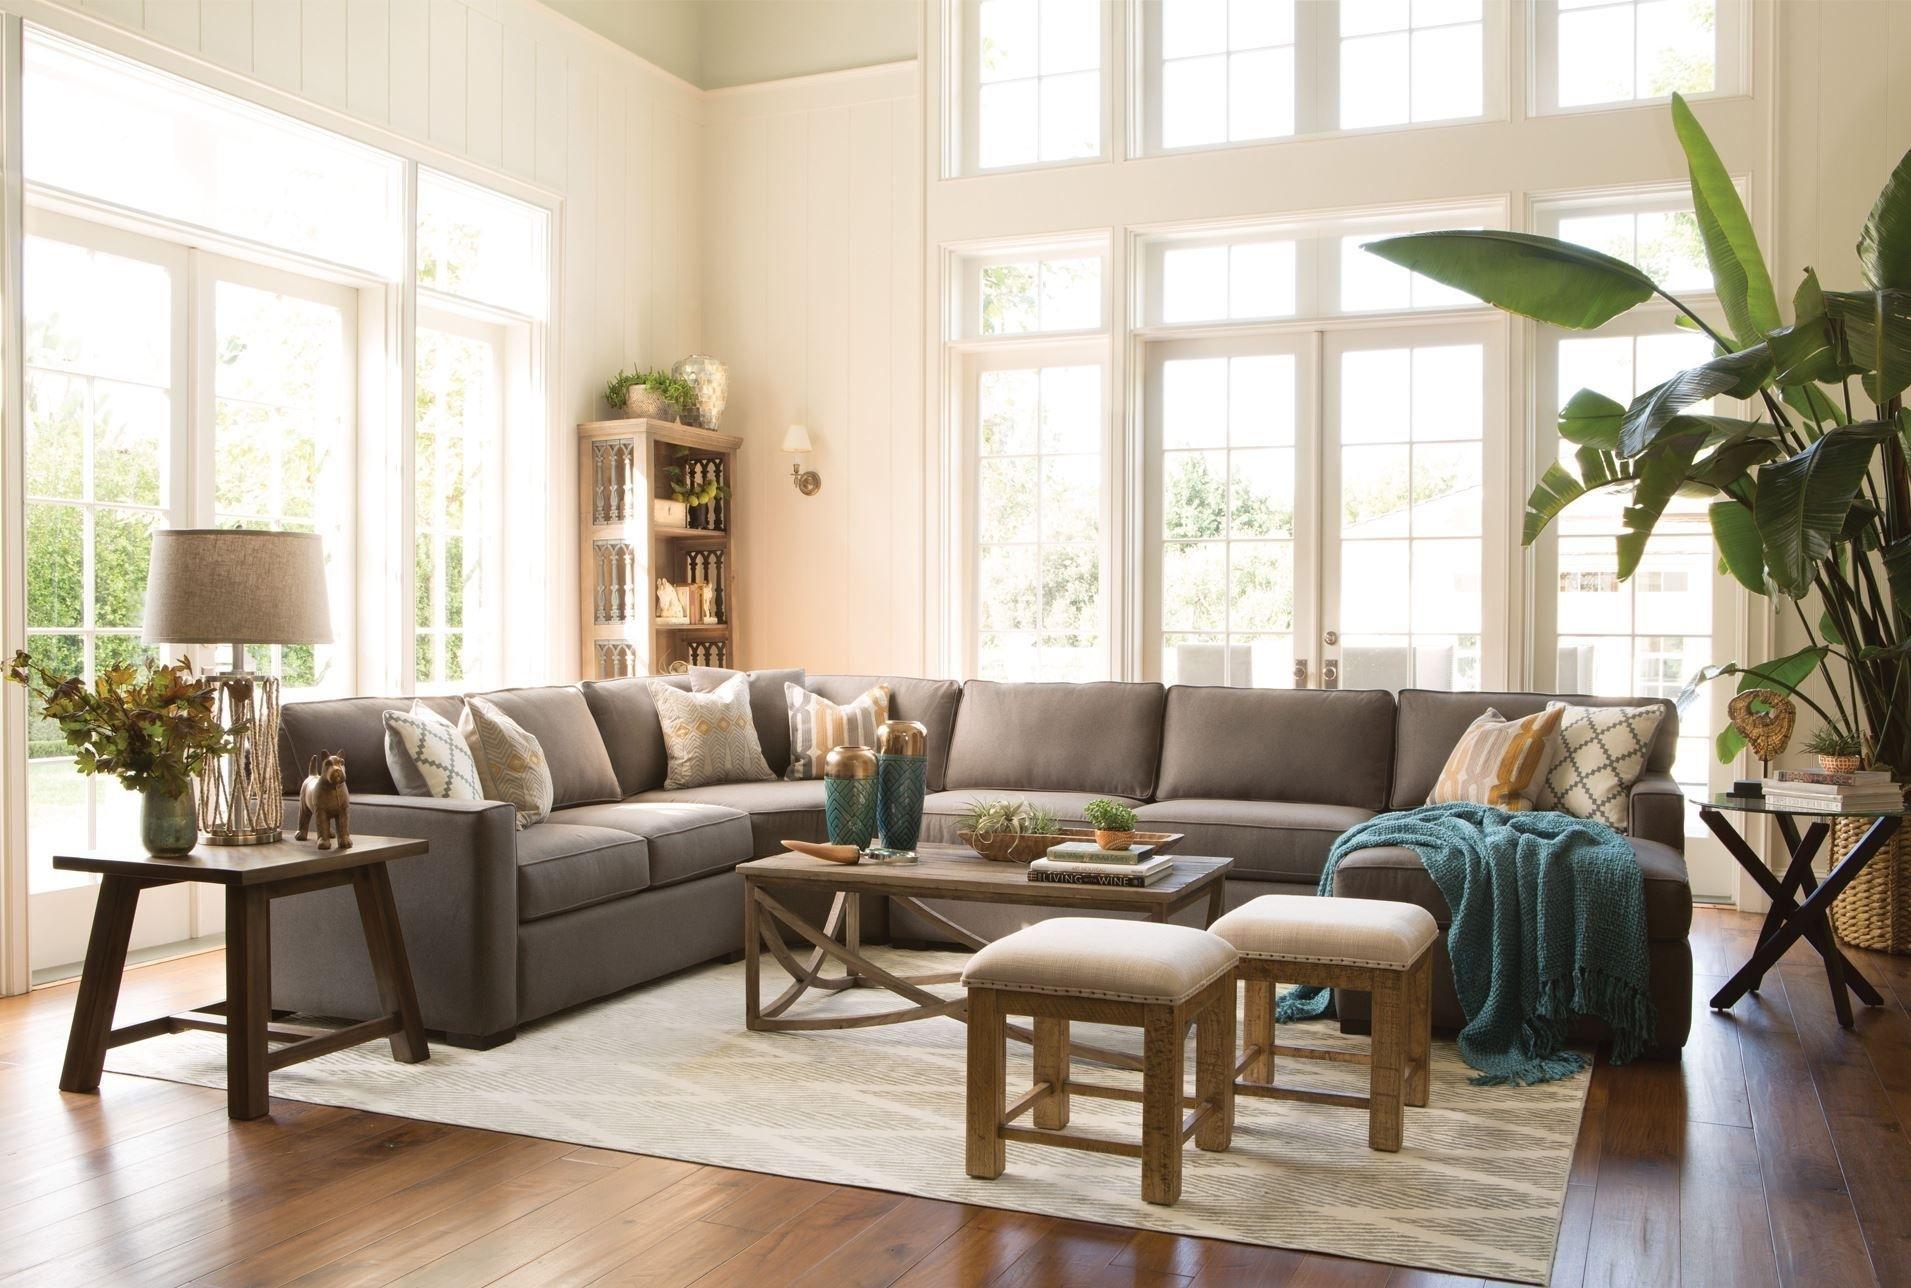 Alder 4 Piece Sectional | Lavender – Living Room | Pinterest Intended For Alder 4 Piece Sectionals (Image 5 of 25)